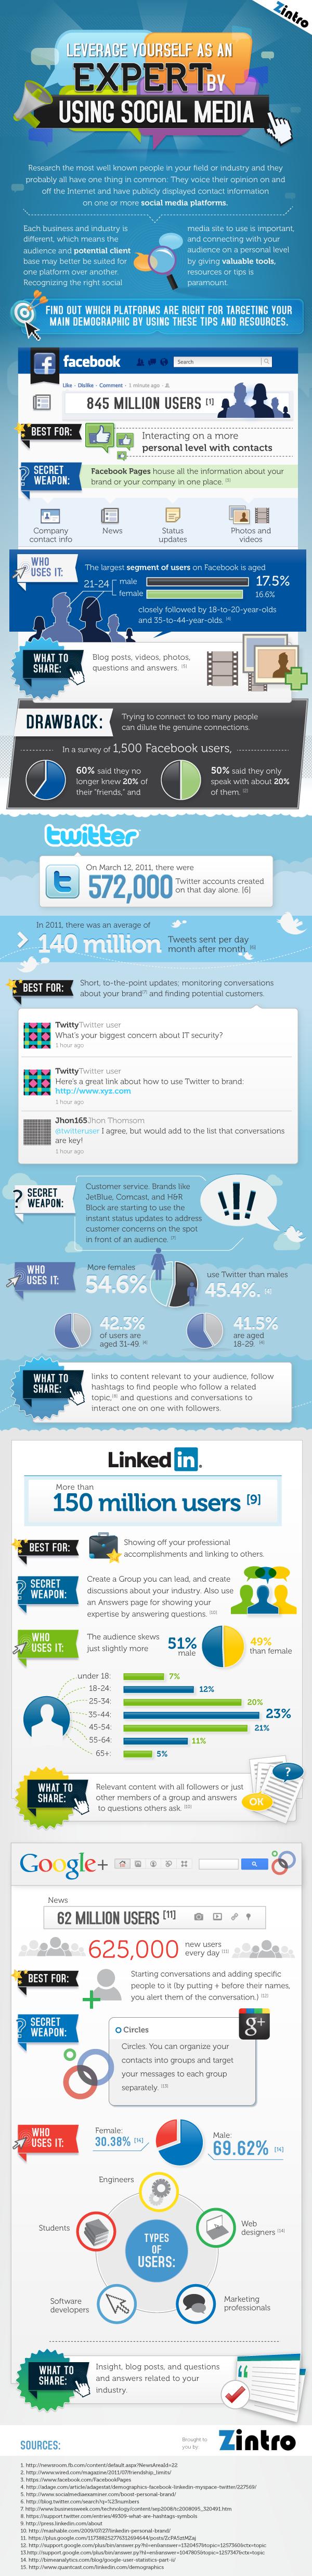 Charakteristiky největších sociálních sítí